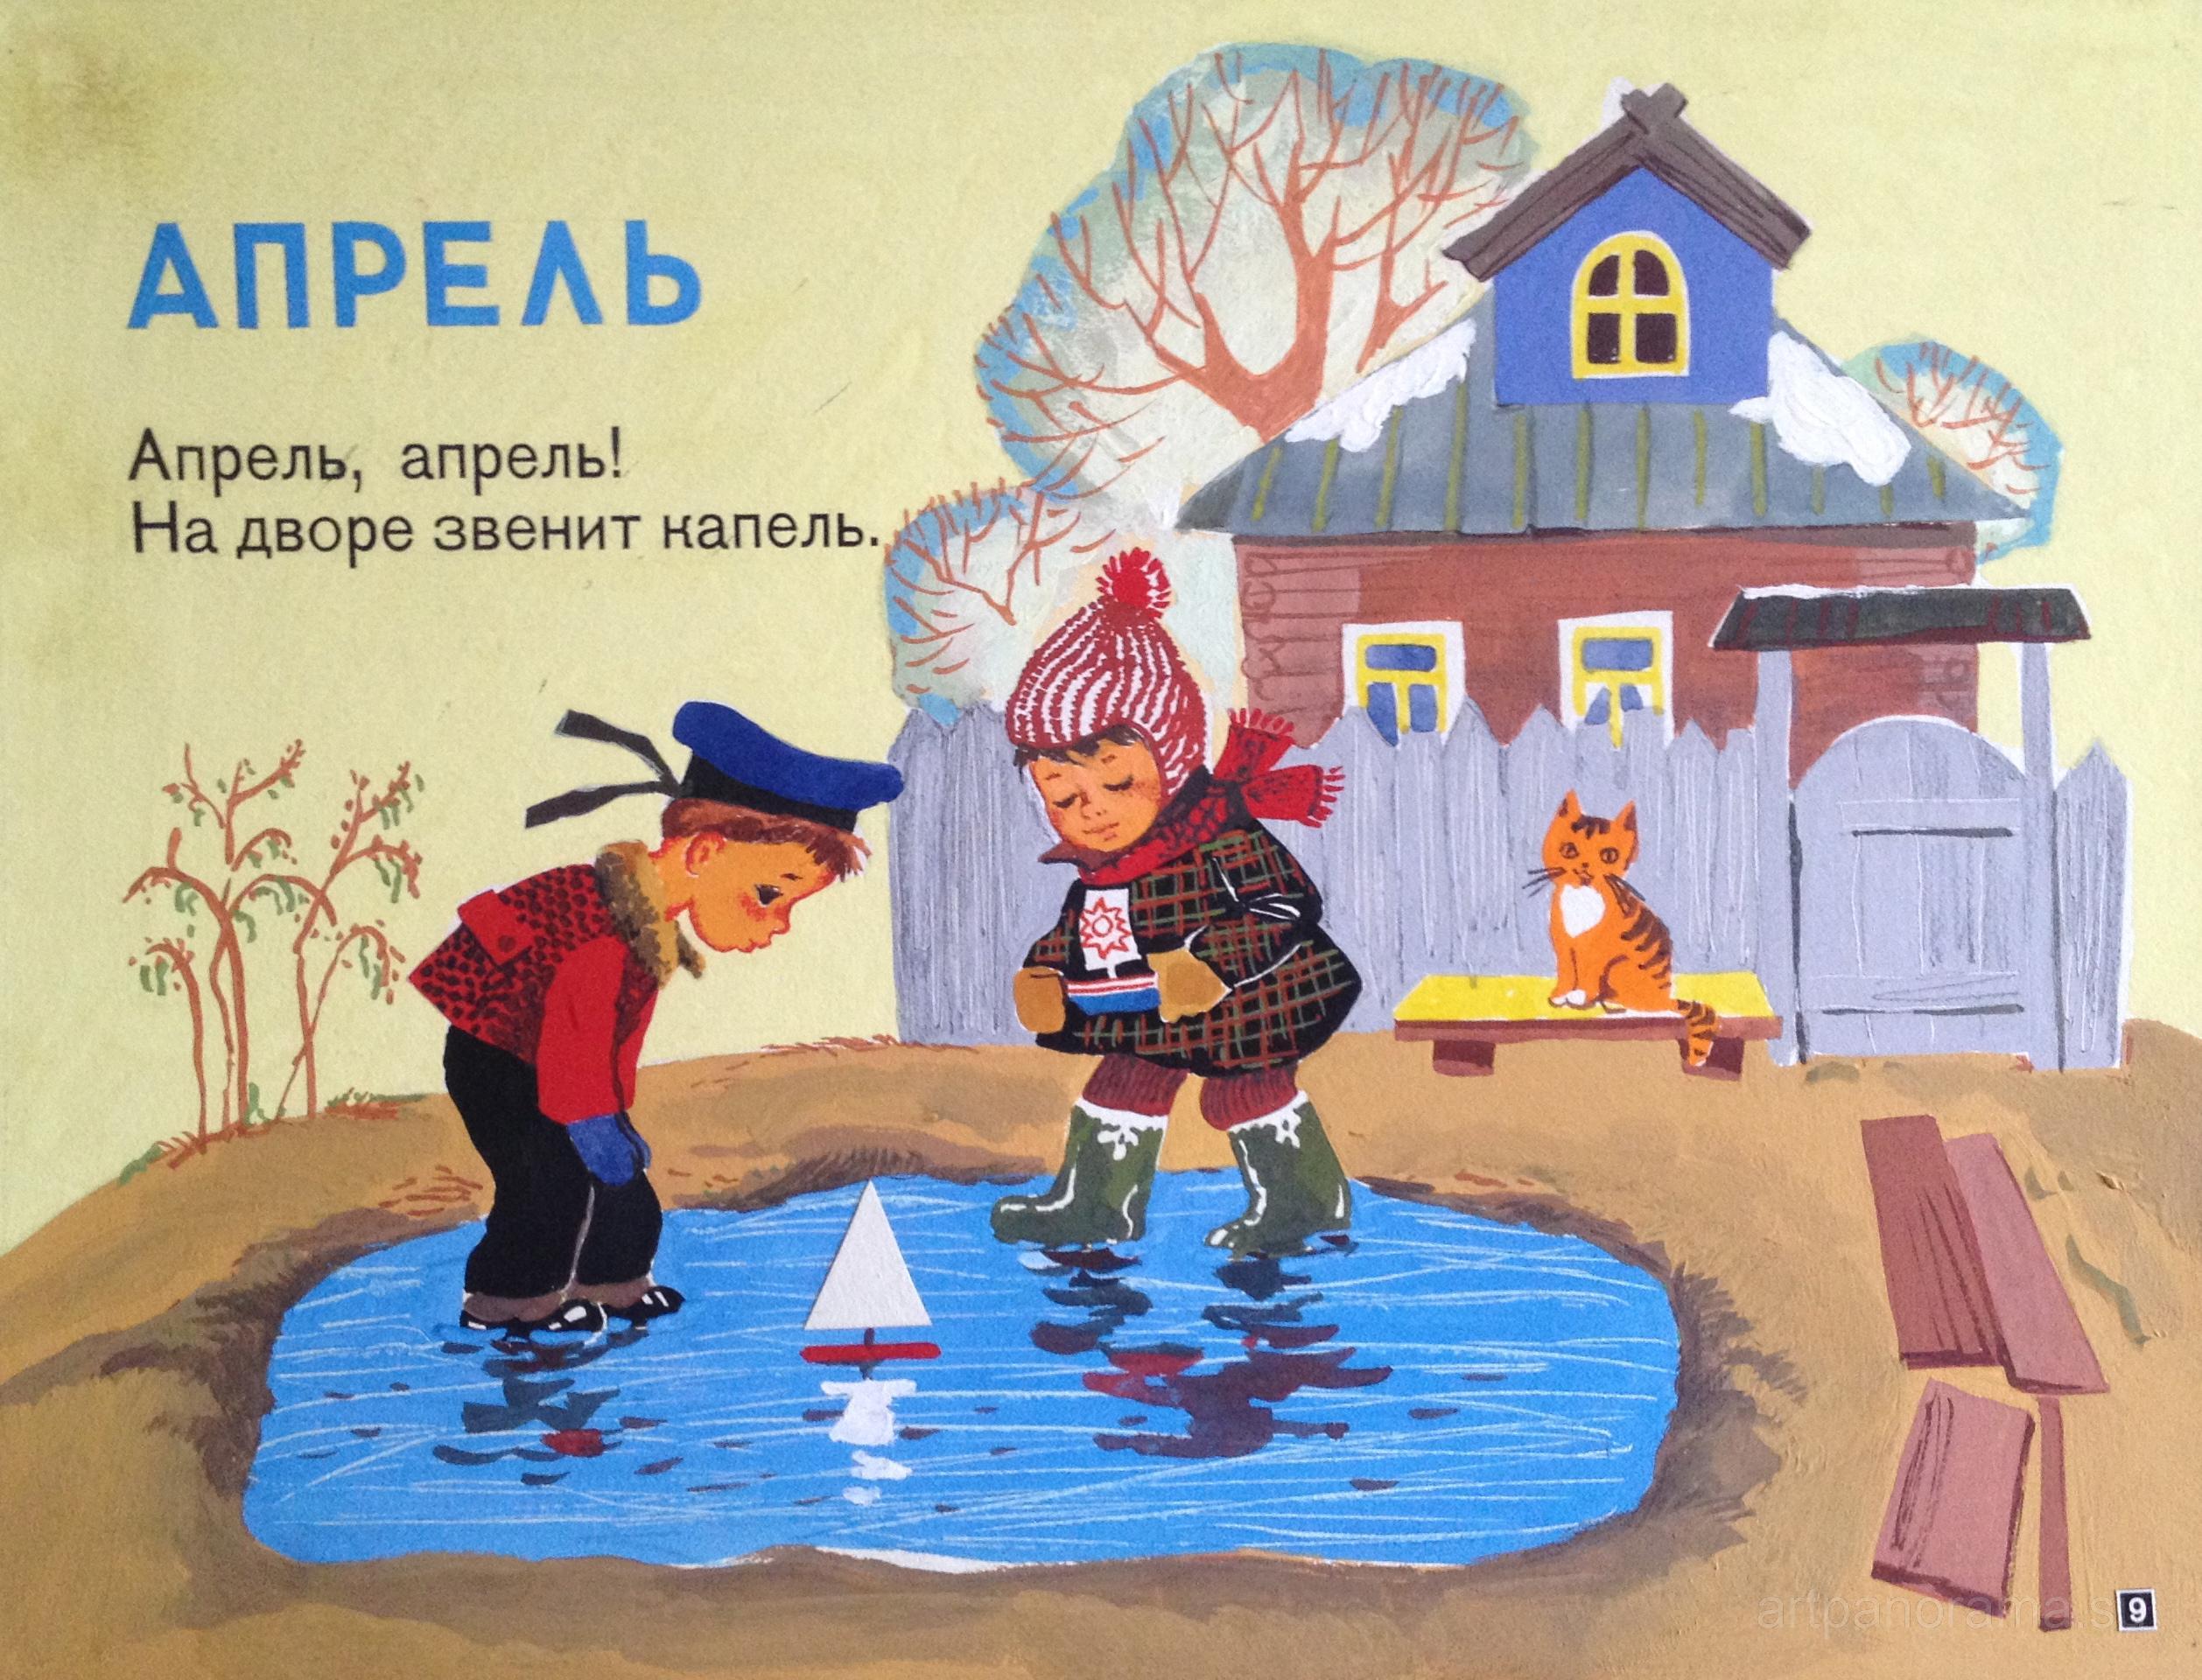 с.михалков аисты и лягушки с картинками